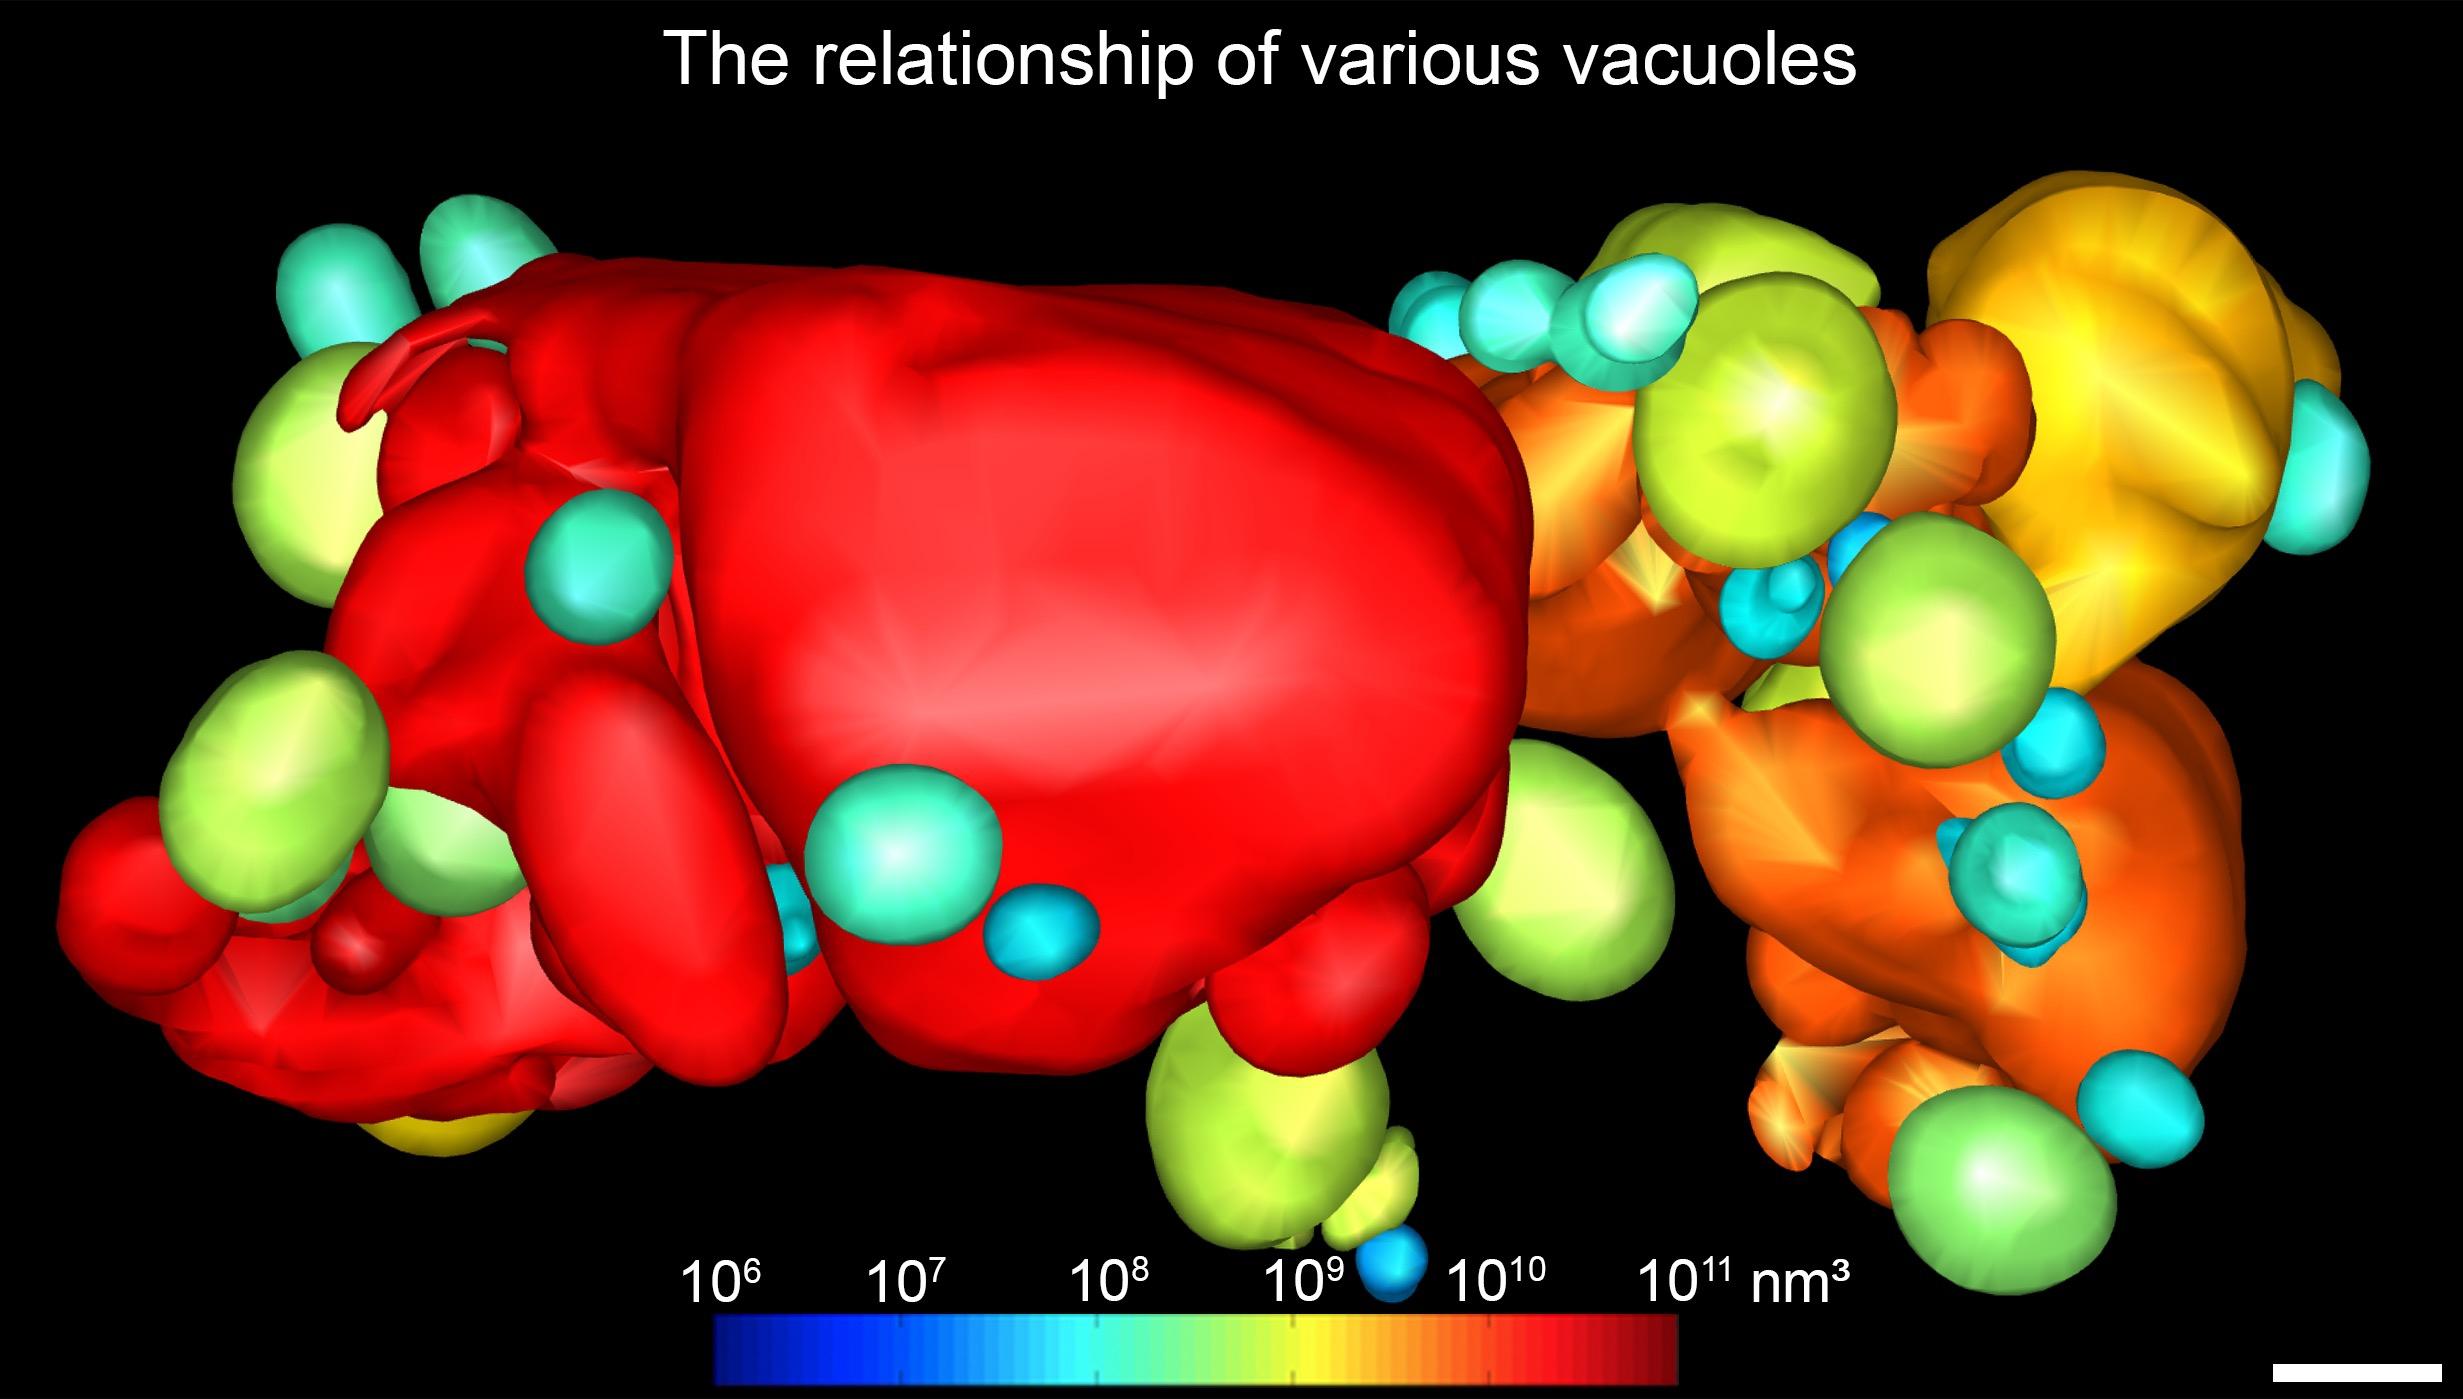 圖3. 全細胞電子斷層掃描結果展示了在植物皮層細胞中,不同大小液泡的性質和彼此之間的關係(融合和分離)。每個液泡根據其體積大小進行染色。(比例尺:1微米)